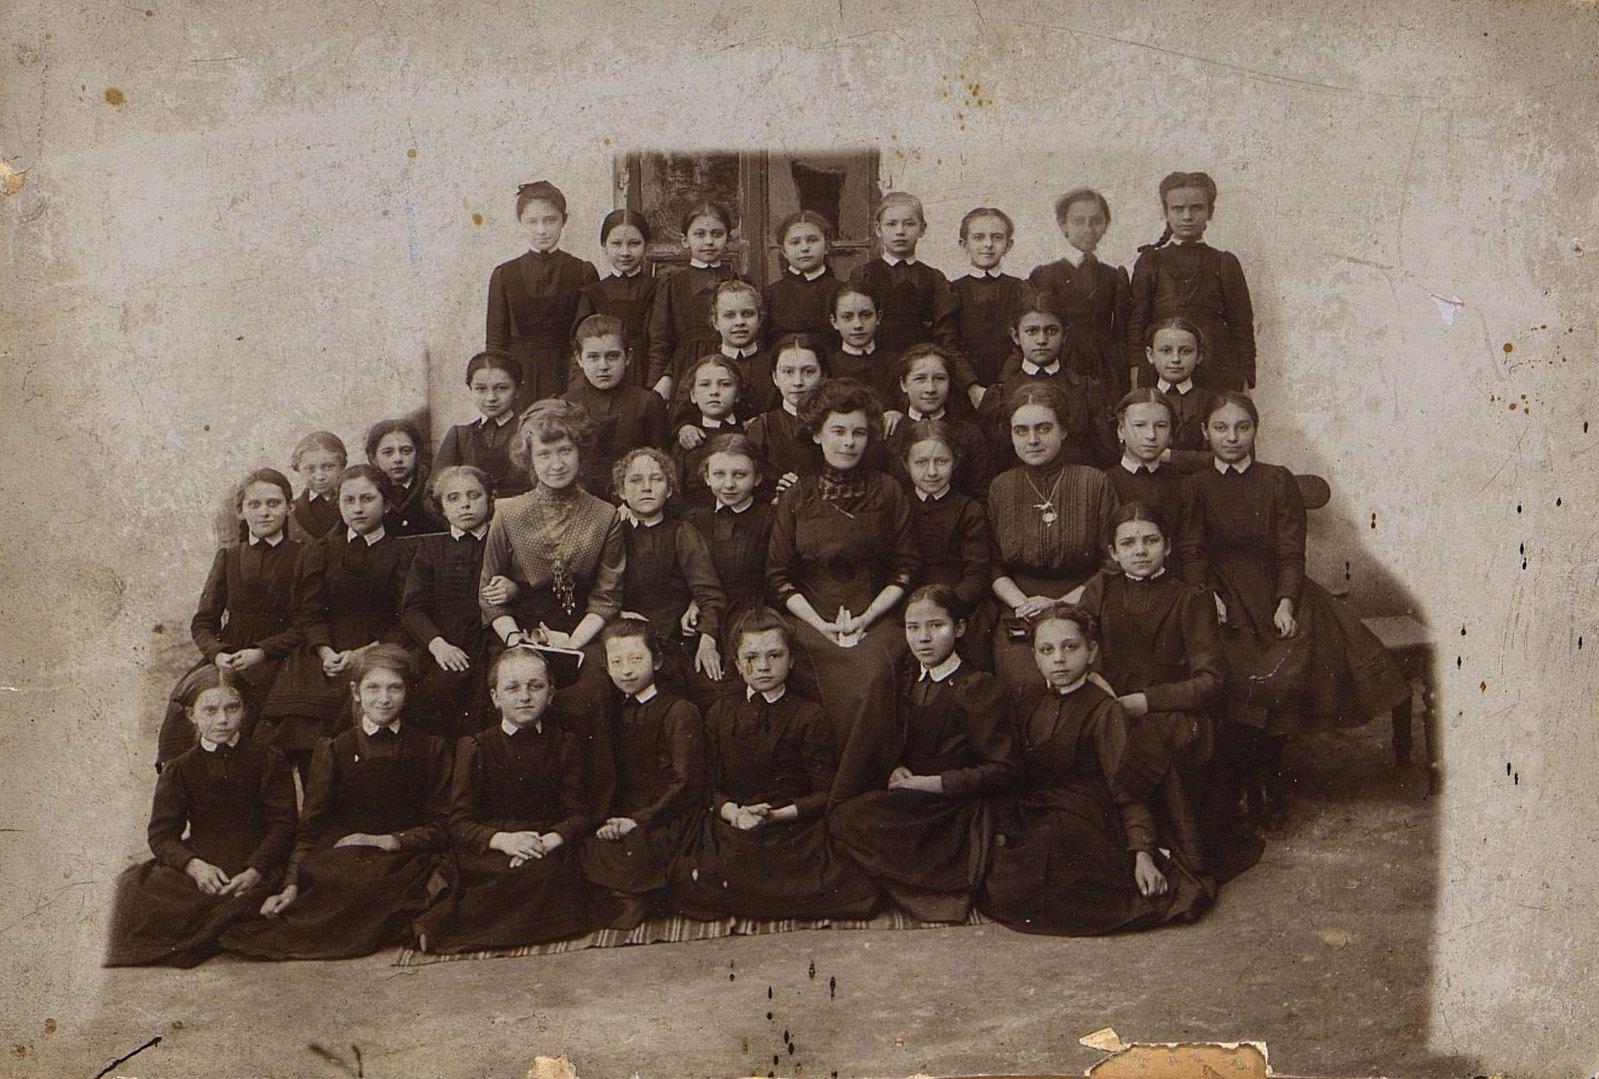 Ученицы второго класса Одесской женской гимназии, учреждённой Еленой Андреевной Висковатовой. 1912